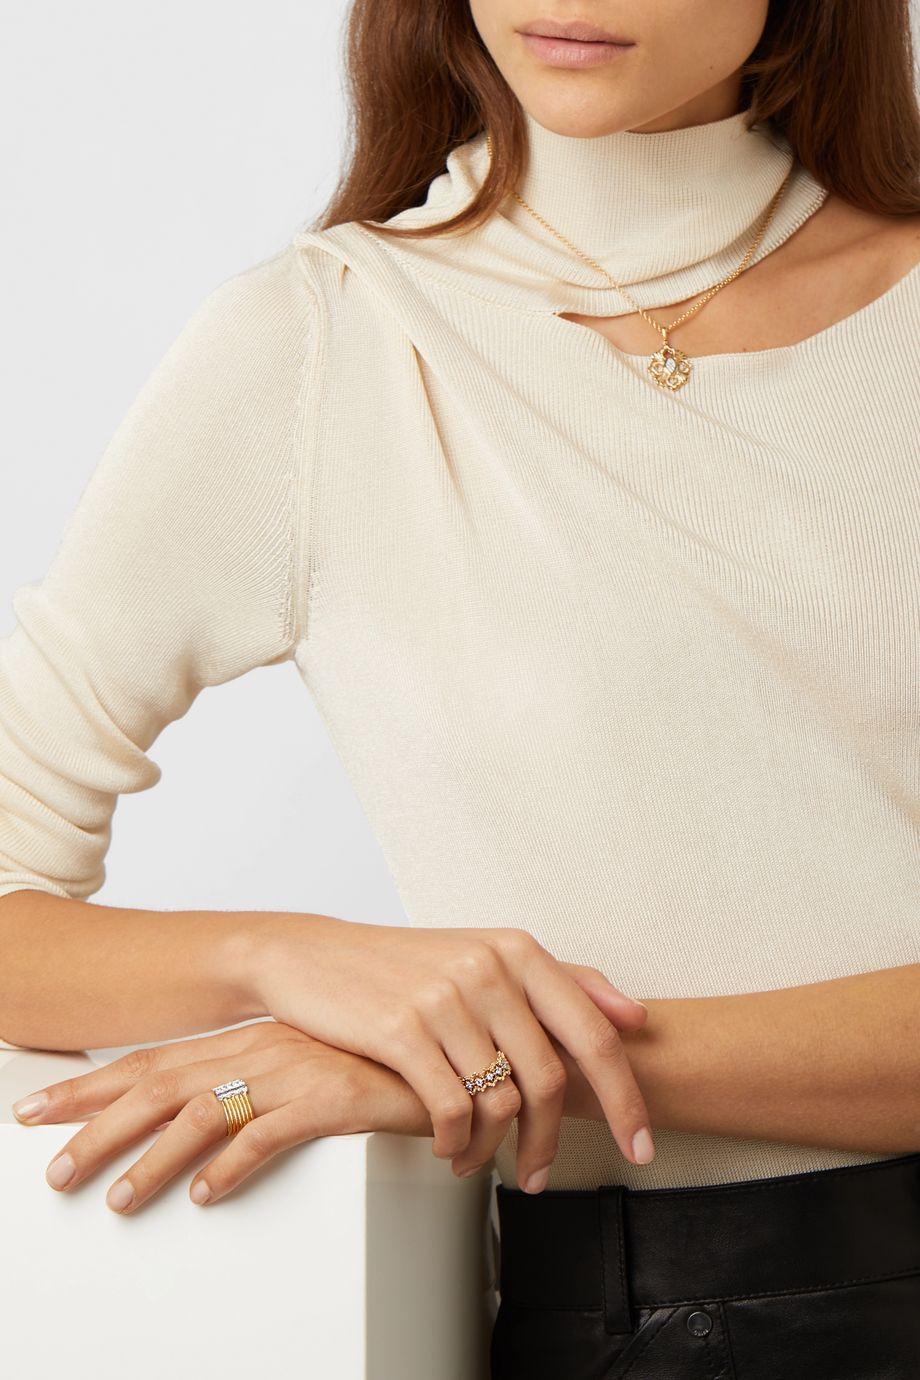 Buccellati Rombi Ring aus 18 Karat Gelb- und Weißgold mit Diamanten